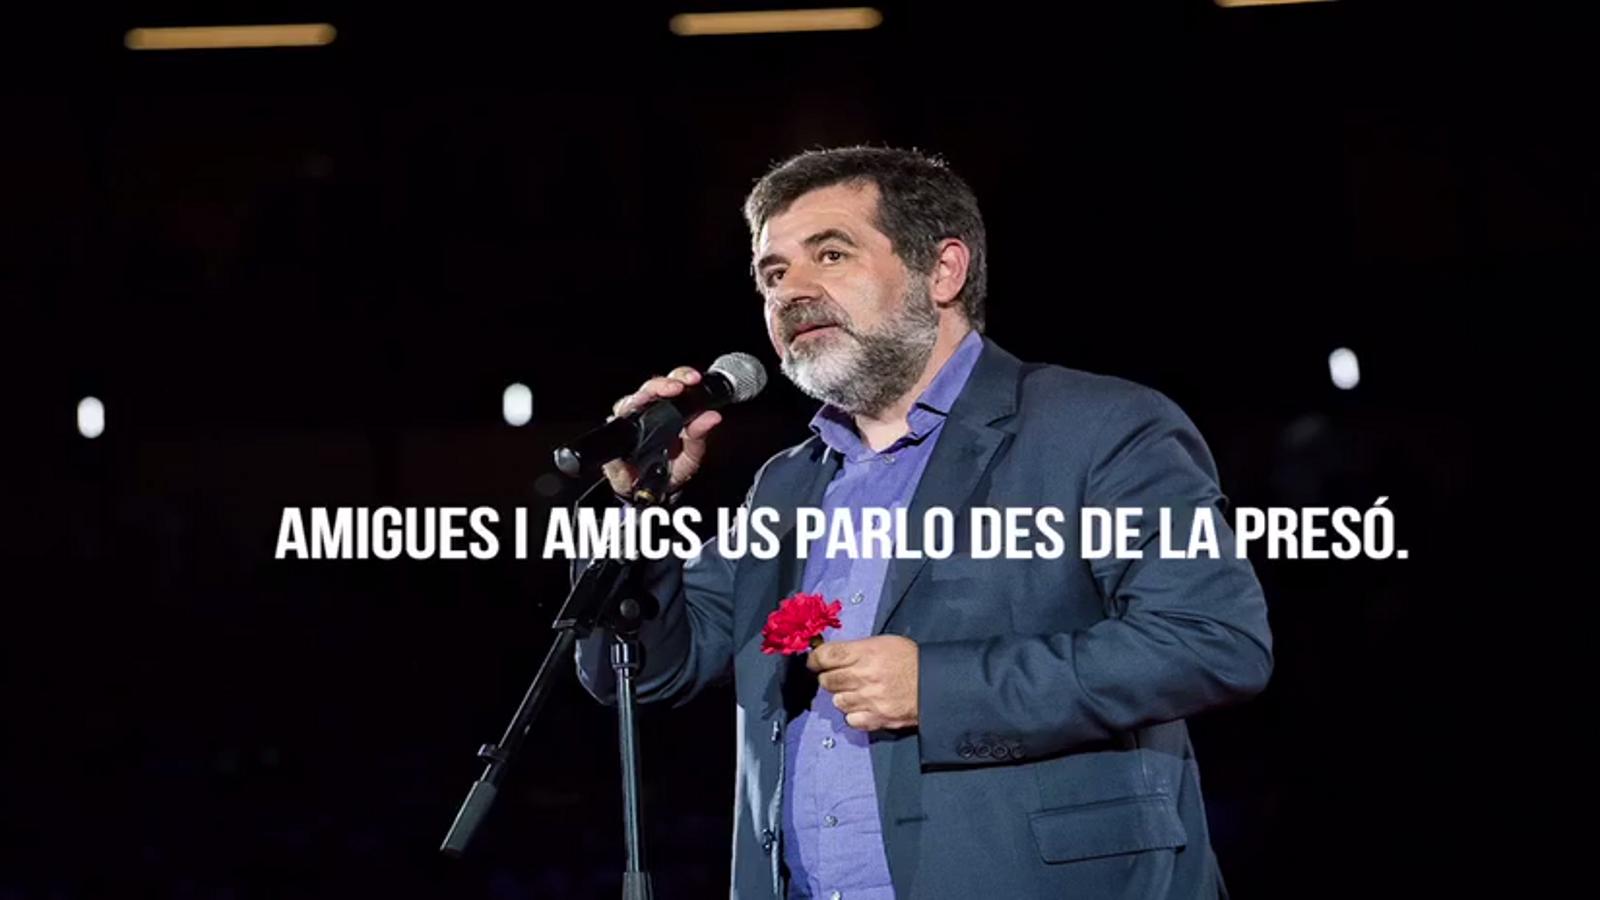 Missatge de Jordi Sànchez des de la presó, per al míting central de Junts per Catalunya